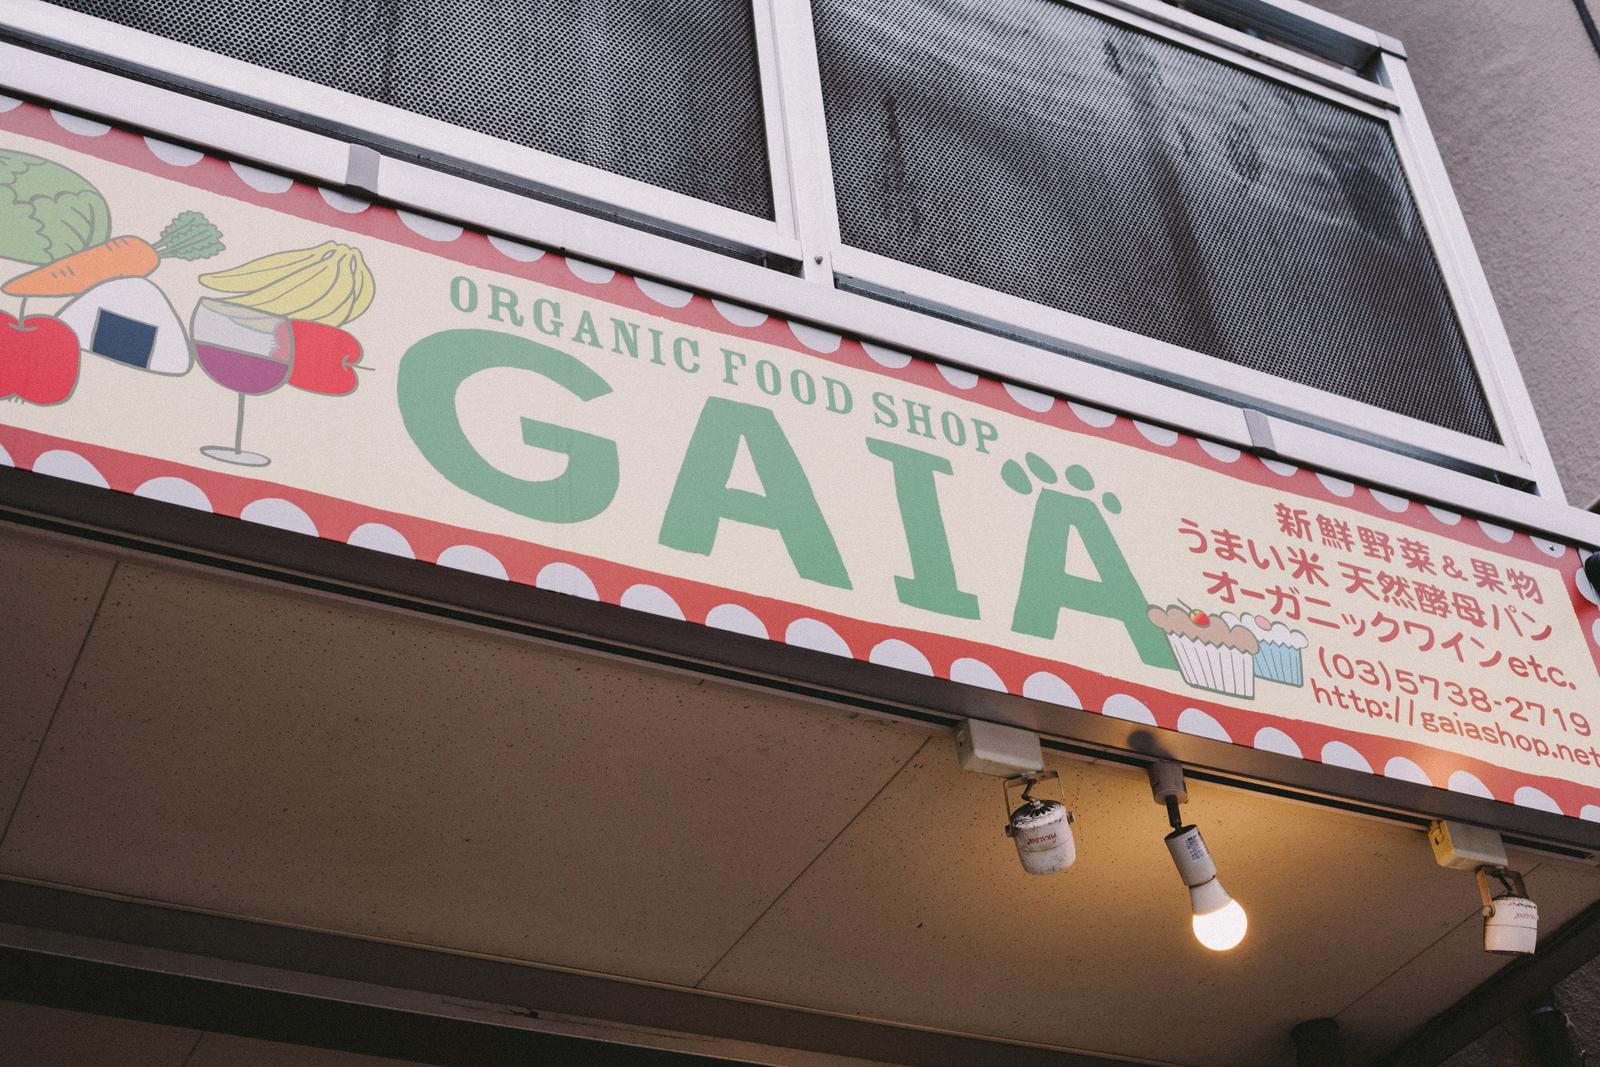 オーガニックフードショップ GAIA 代々木上原店 看板